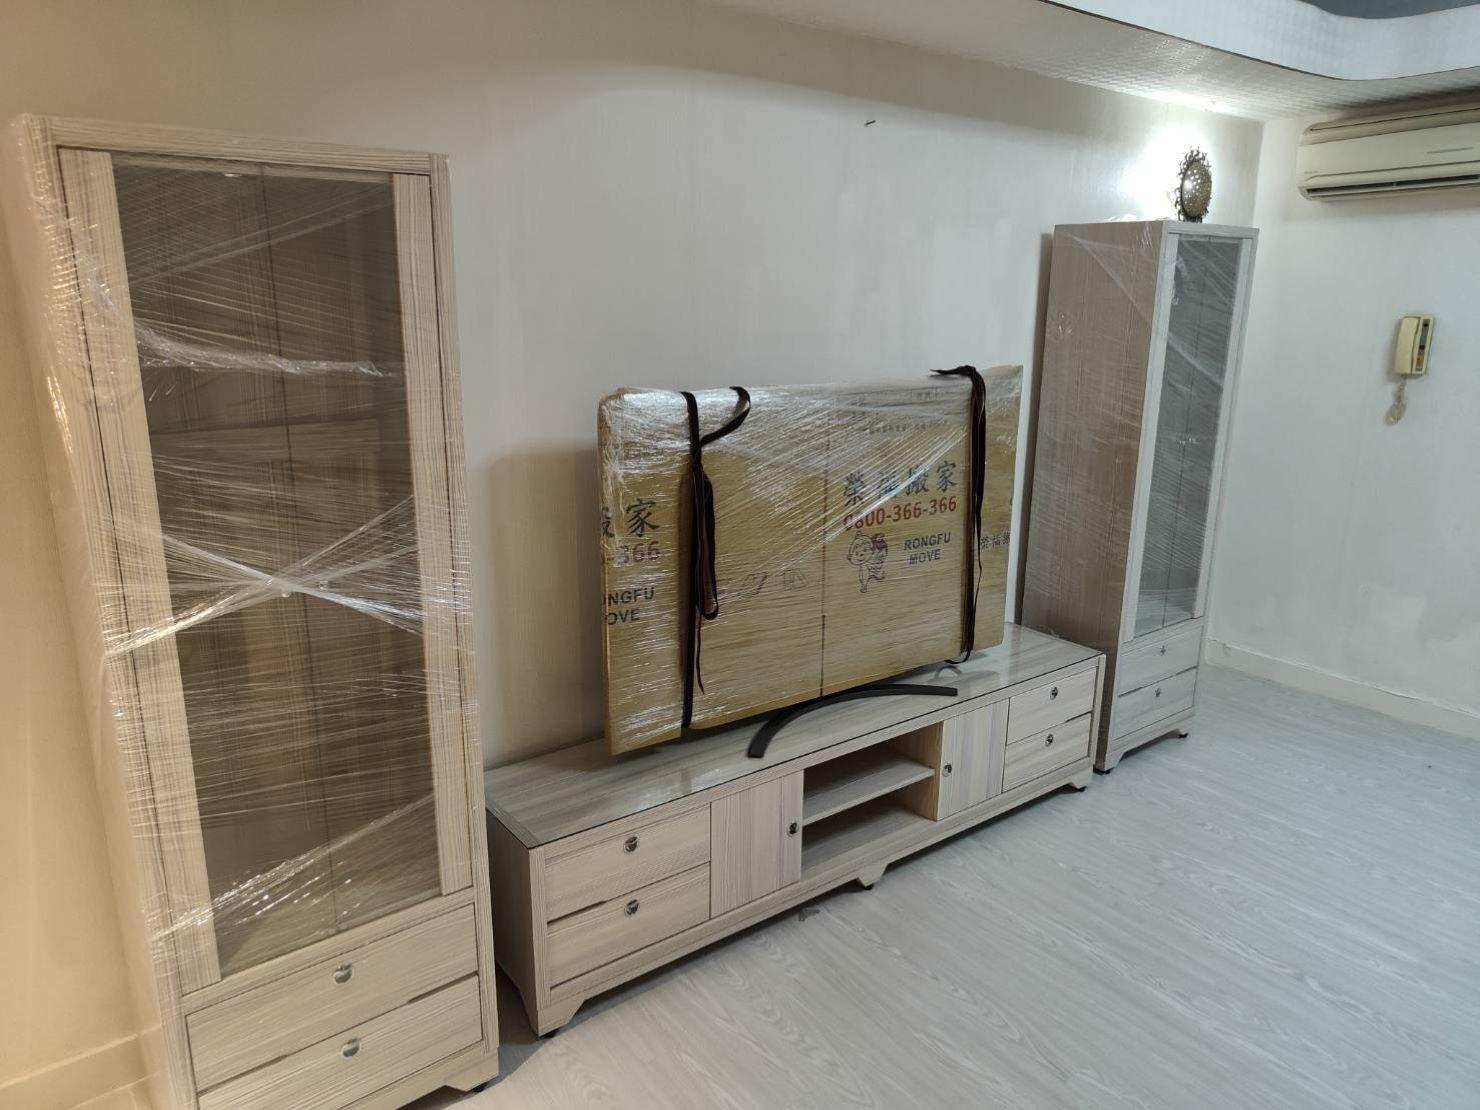 搬家具、基隆搬家、搬家電、床墊搬運、搬衣櫃、搬大型家具、搬公司行號、家庭搬家、搬鋼琴、搬工計時、人工搬運、搬運、搬家紙箱,針對顧客都秉持以用心實在專業搬家技巧,搬家實在用心值得您的信賴與選擇。【榮福搬家公司】搬家首選、搬家公司推薦:優質搬家,包裝搬運「細膩包裝、專業搬運、用心服務、以客為尊」是榮福搬家公司的宗旨與精神。歡迎立即來電02-2651-2727專人服務。系統式家具拆裝找專業的榮福搬家就對了。